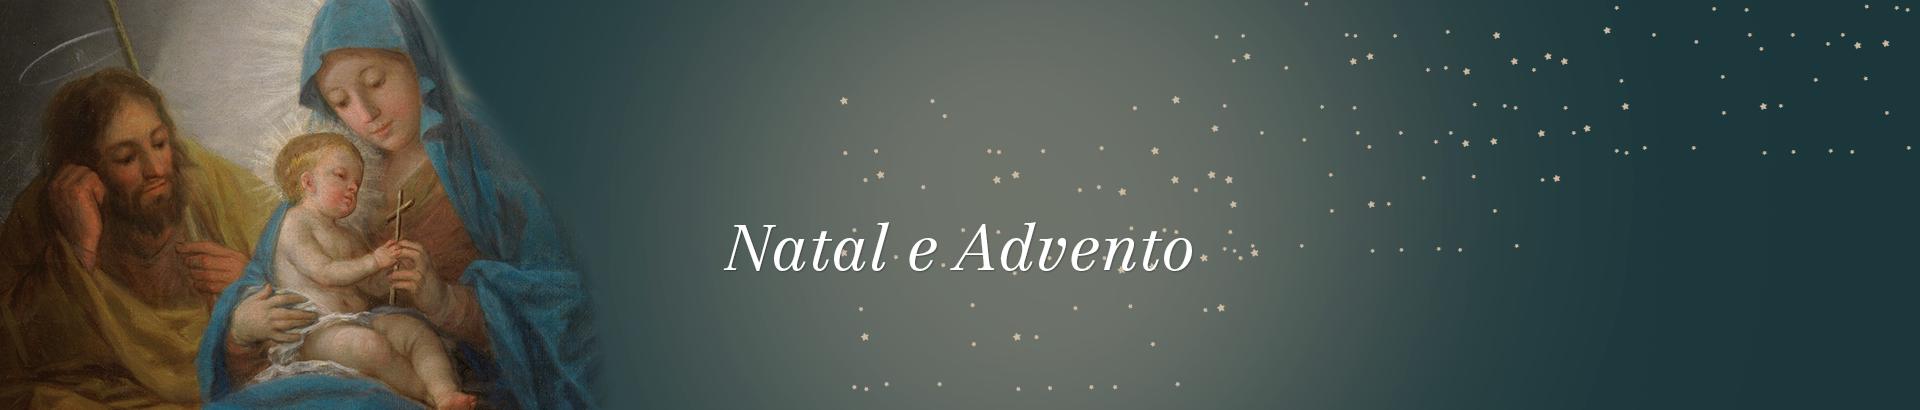 Natal e Advento